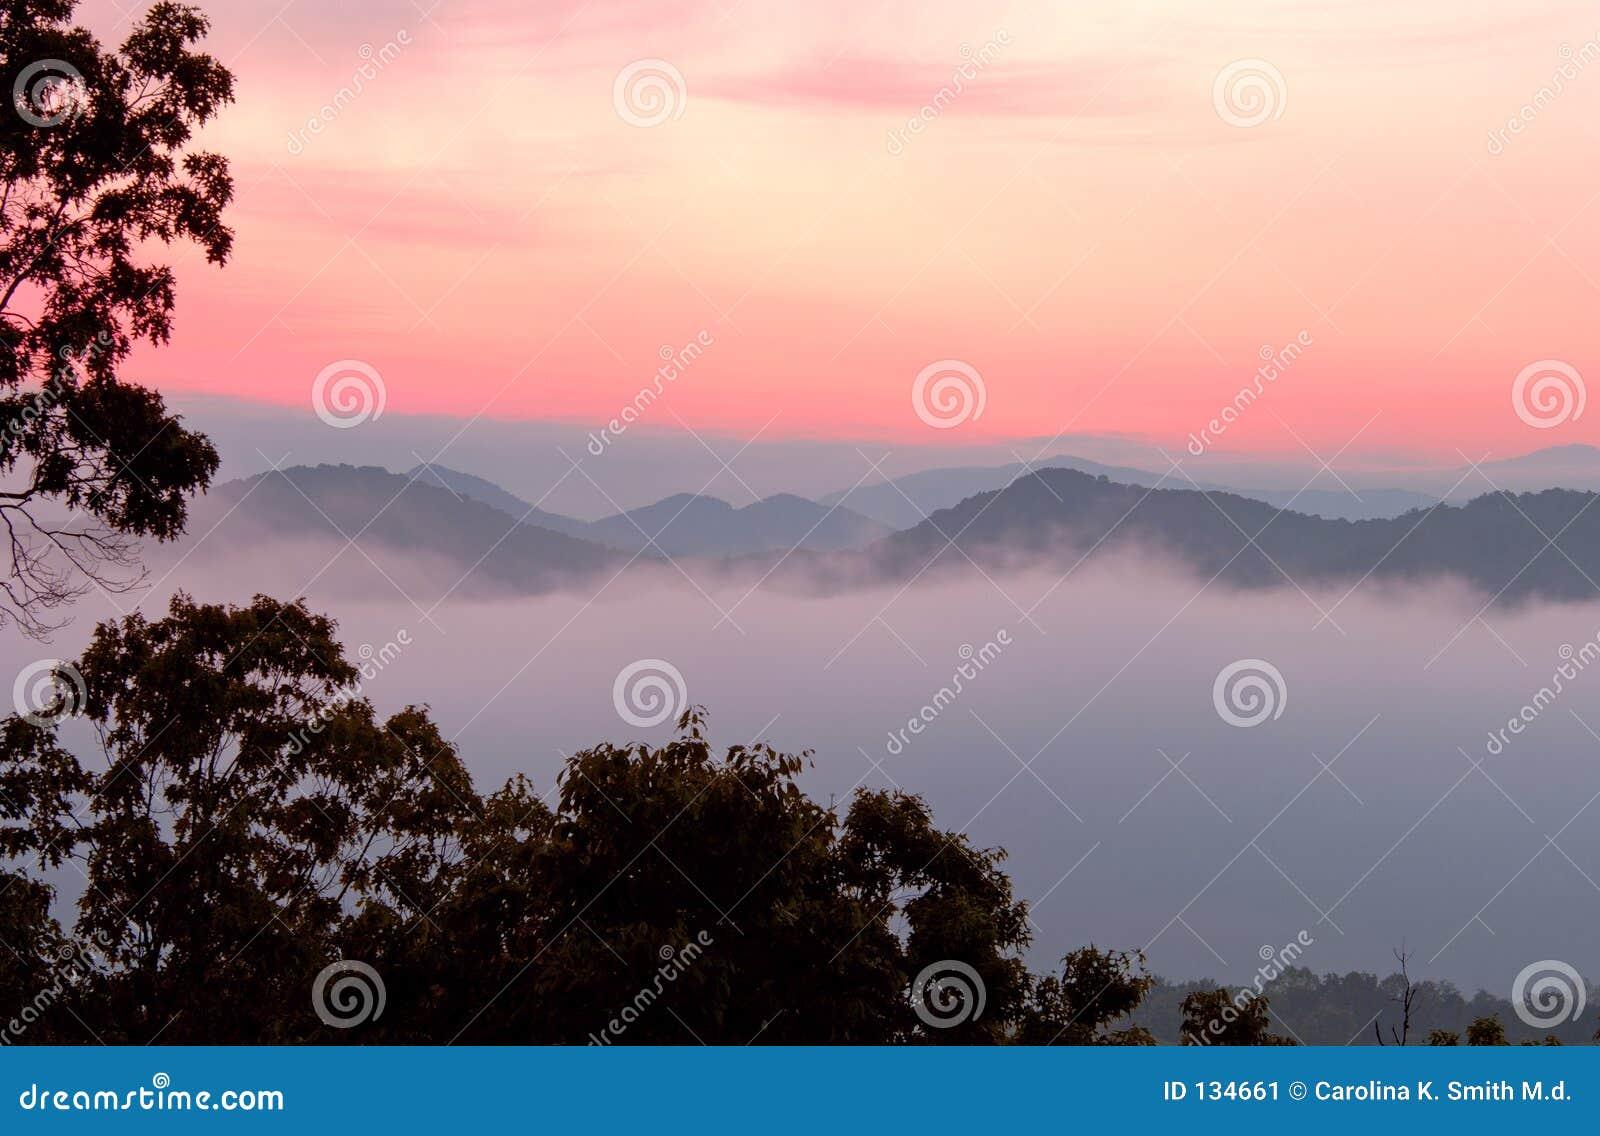 Jutrzenkowych pogórzy parku narodowego gór parkway smokey tn - super